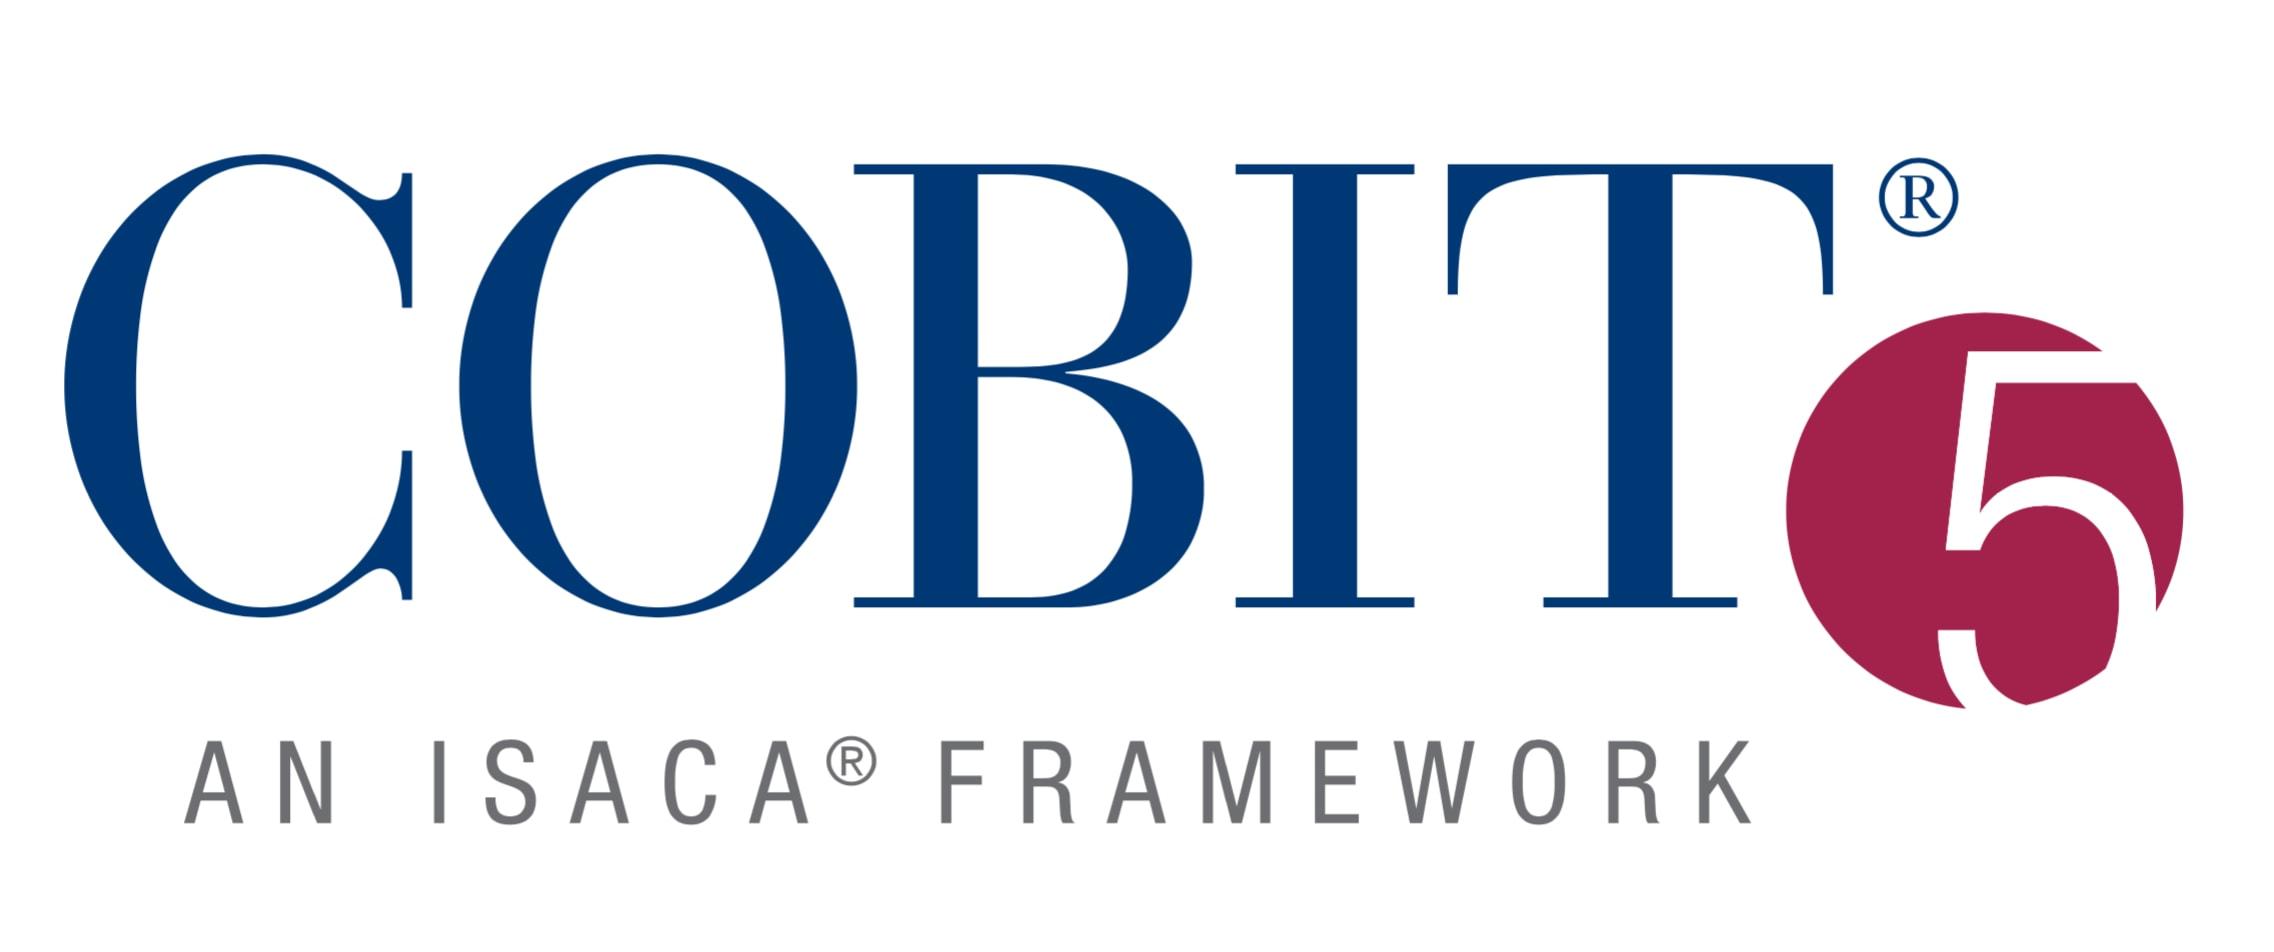 Architecture Center Ltd Cobit 5 Foundation Training Course